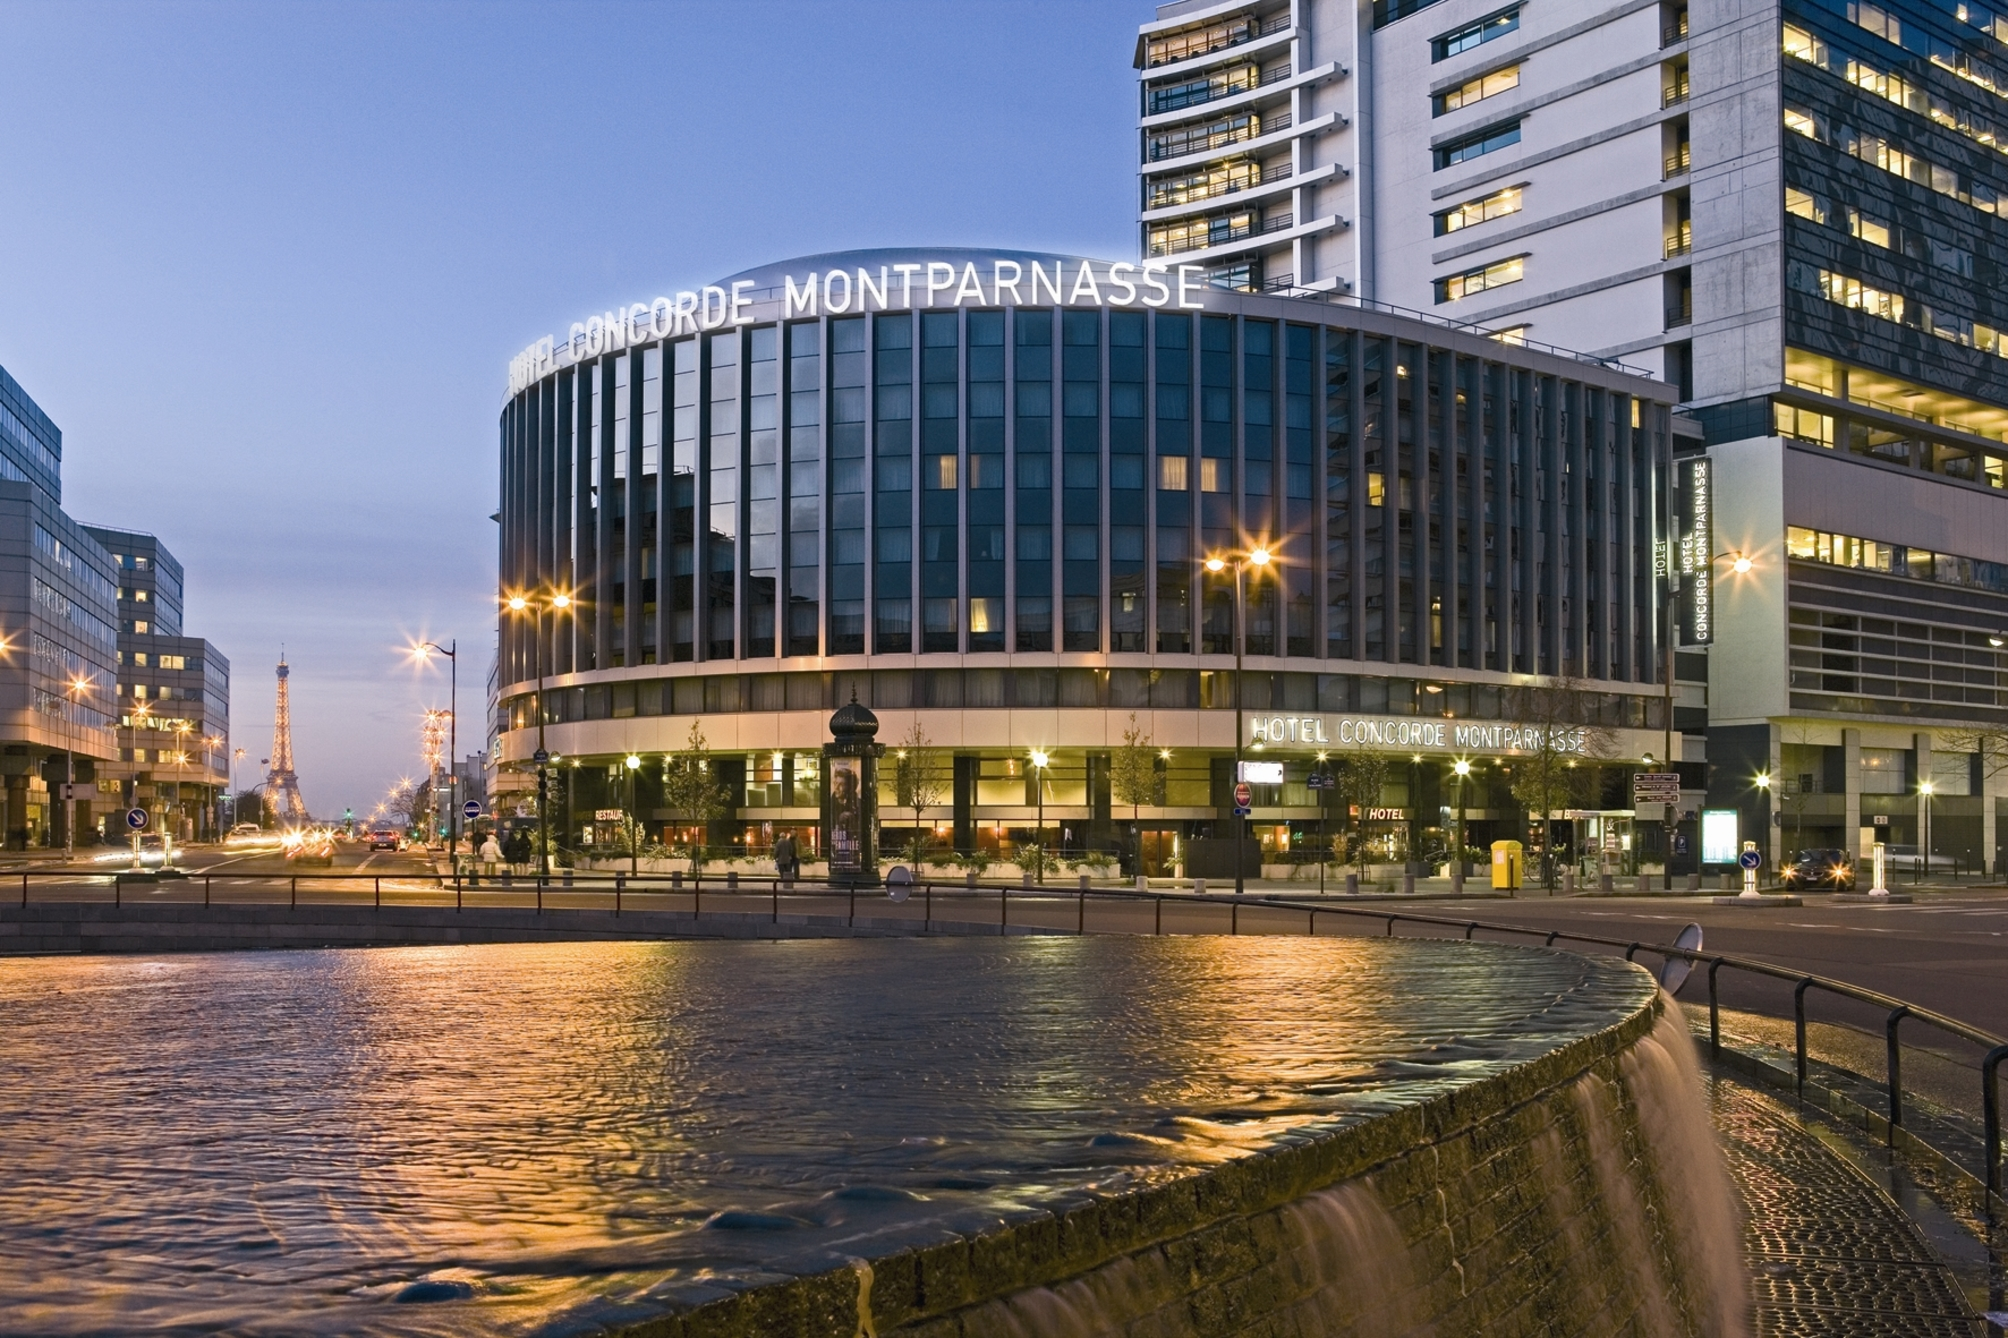 Hotel concorde montparnasse hotel em paris desde 107 rumbo for Hotel chaine paris